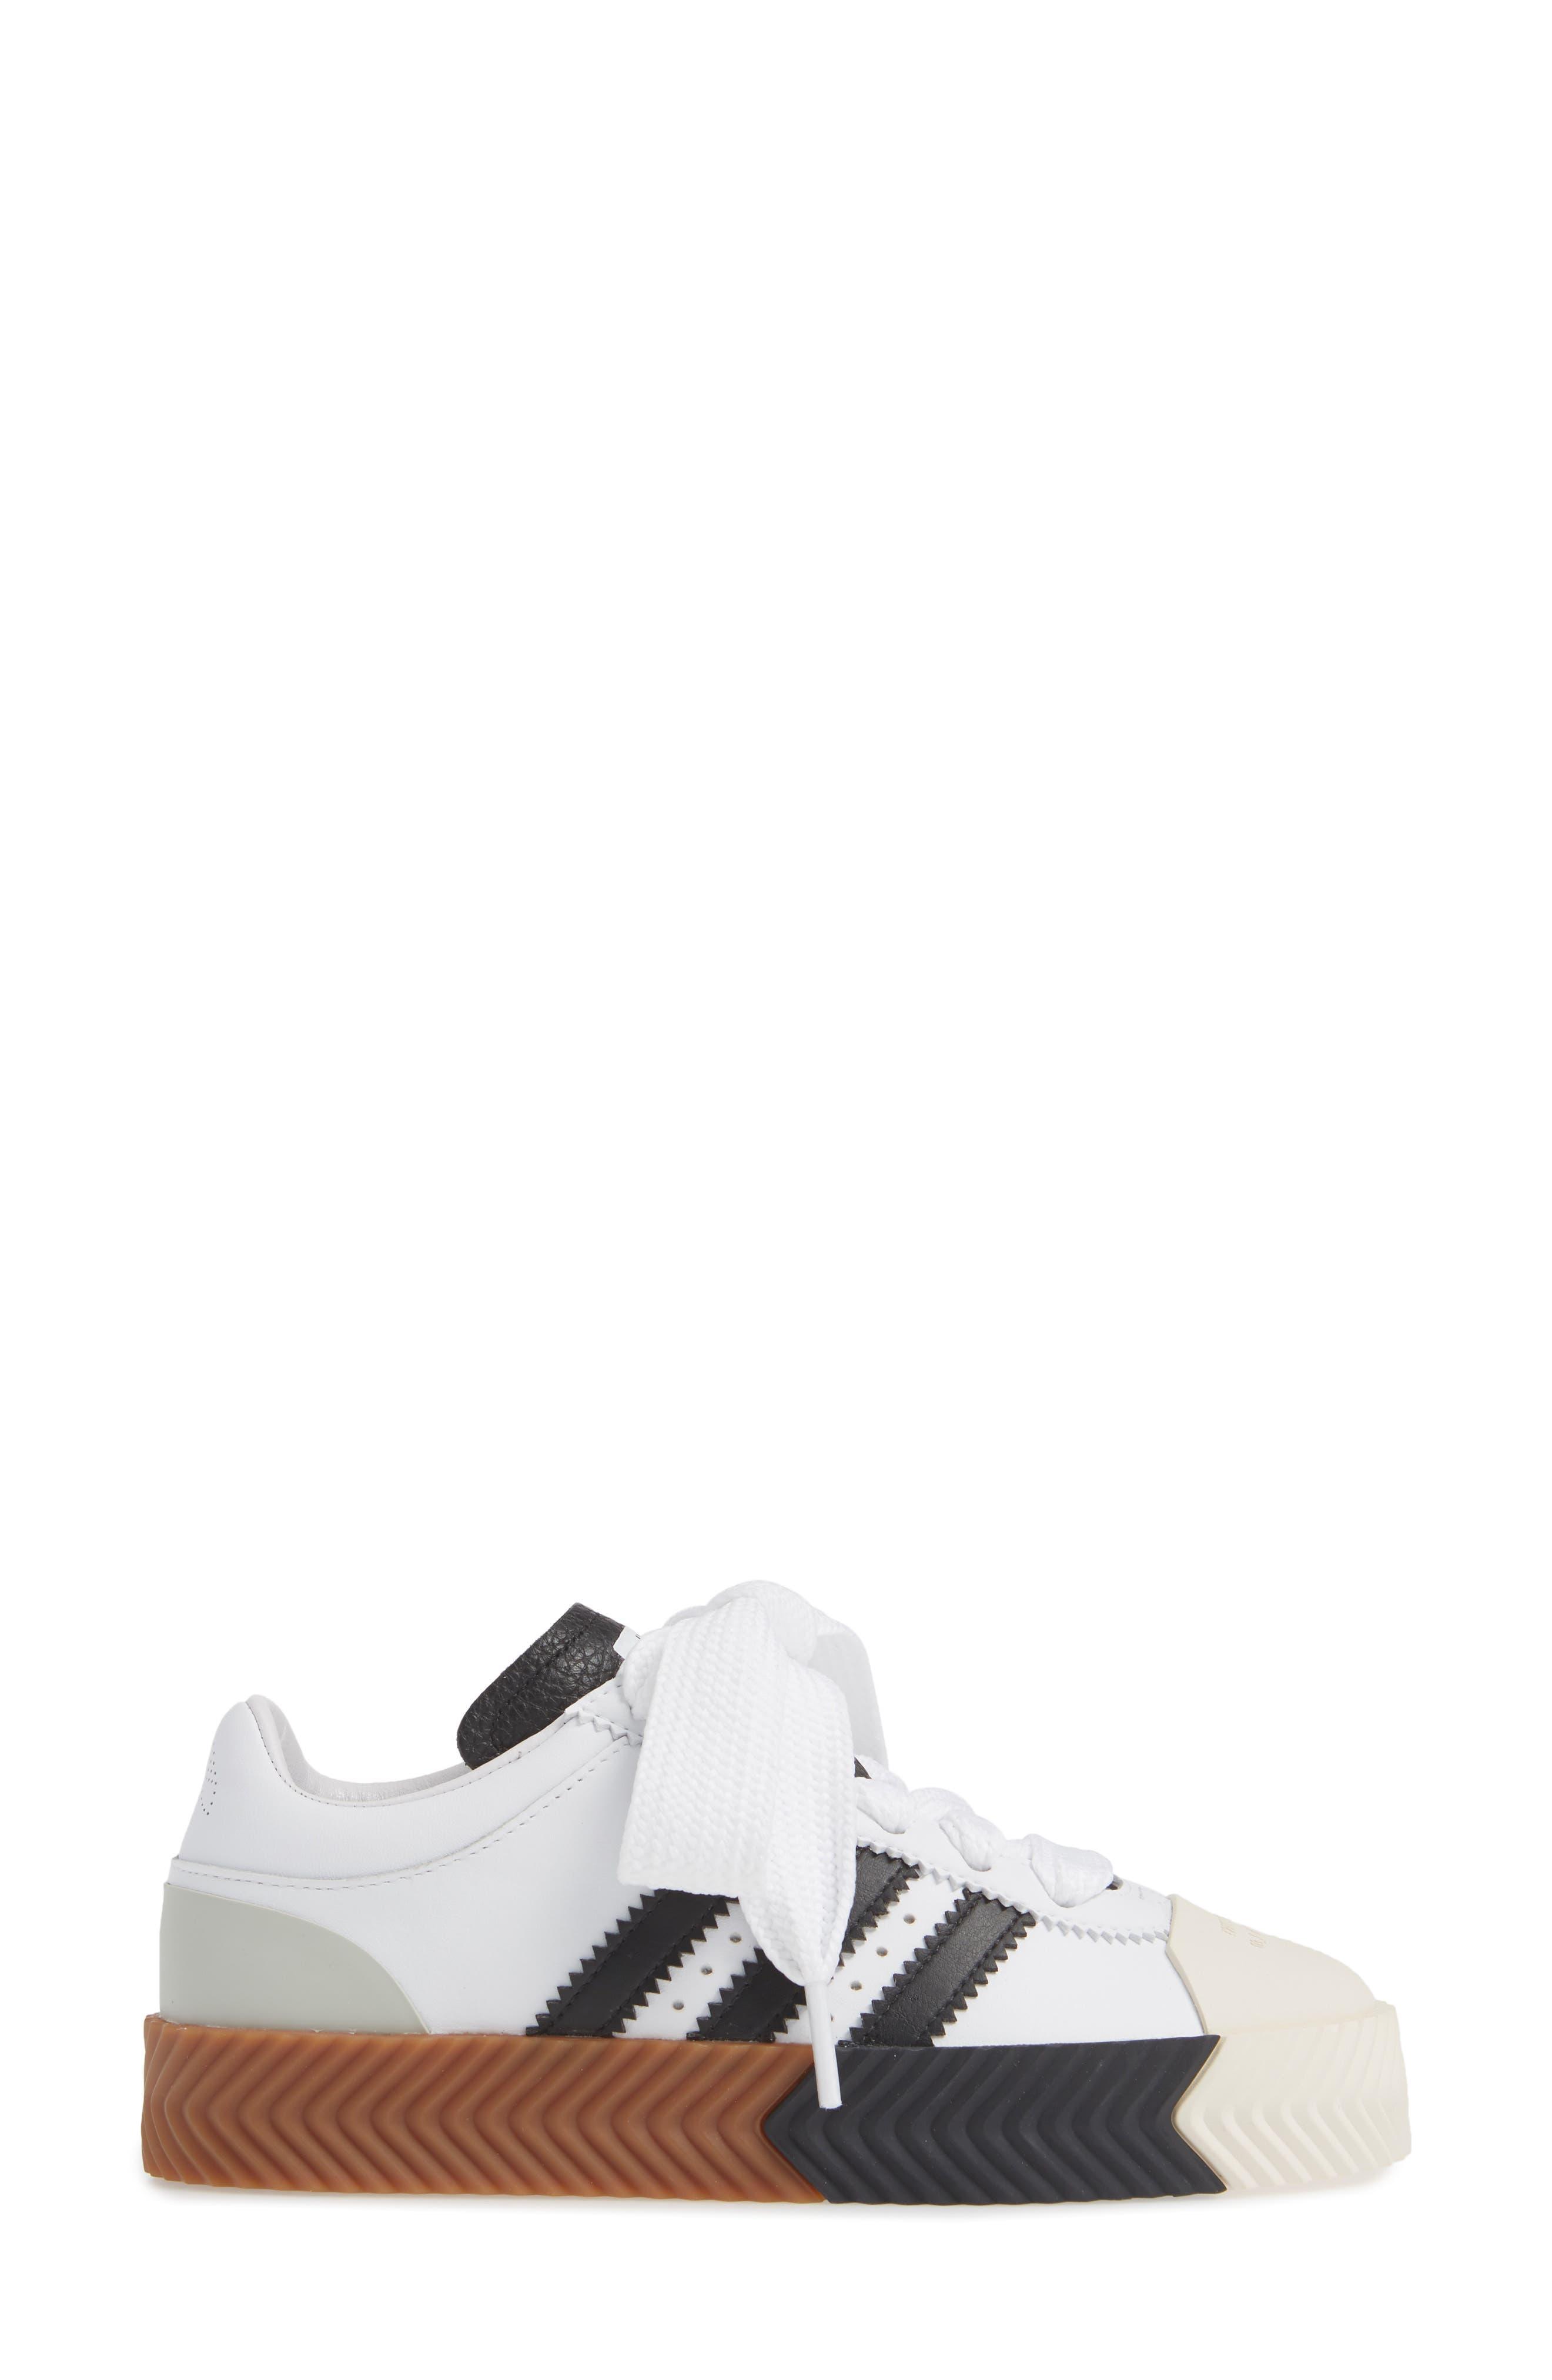 Skate Super Sneaker,                             Alternate thumbnail 3, color,                             WHITE/ BLACK/ BROWN